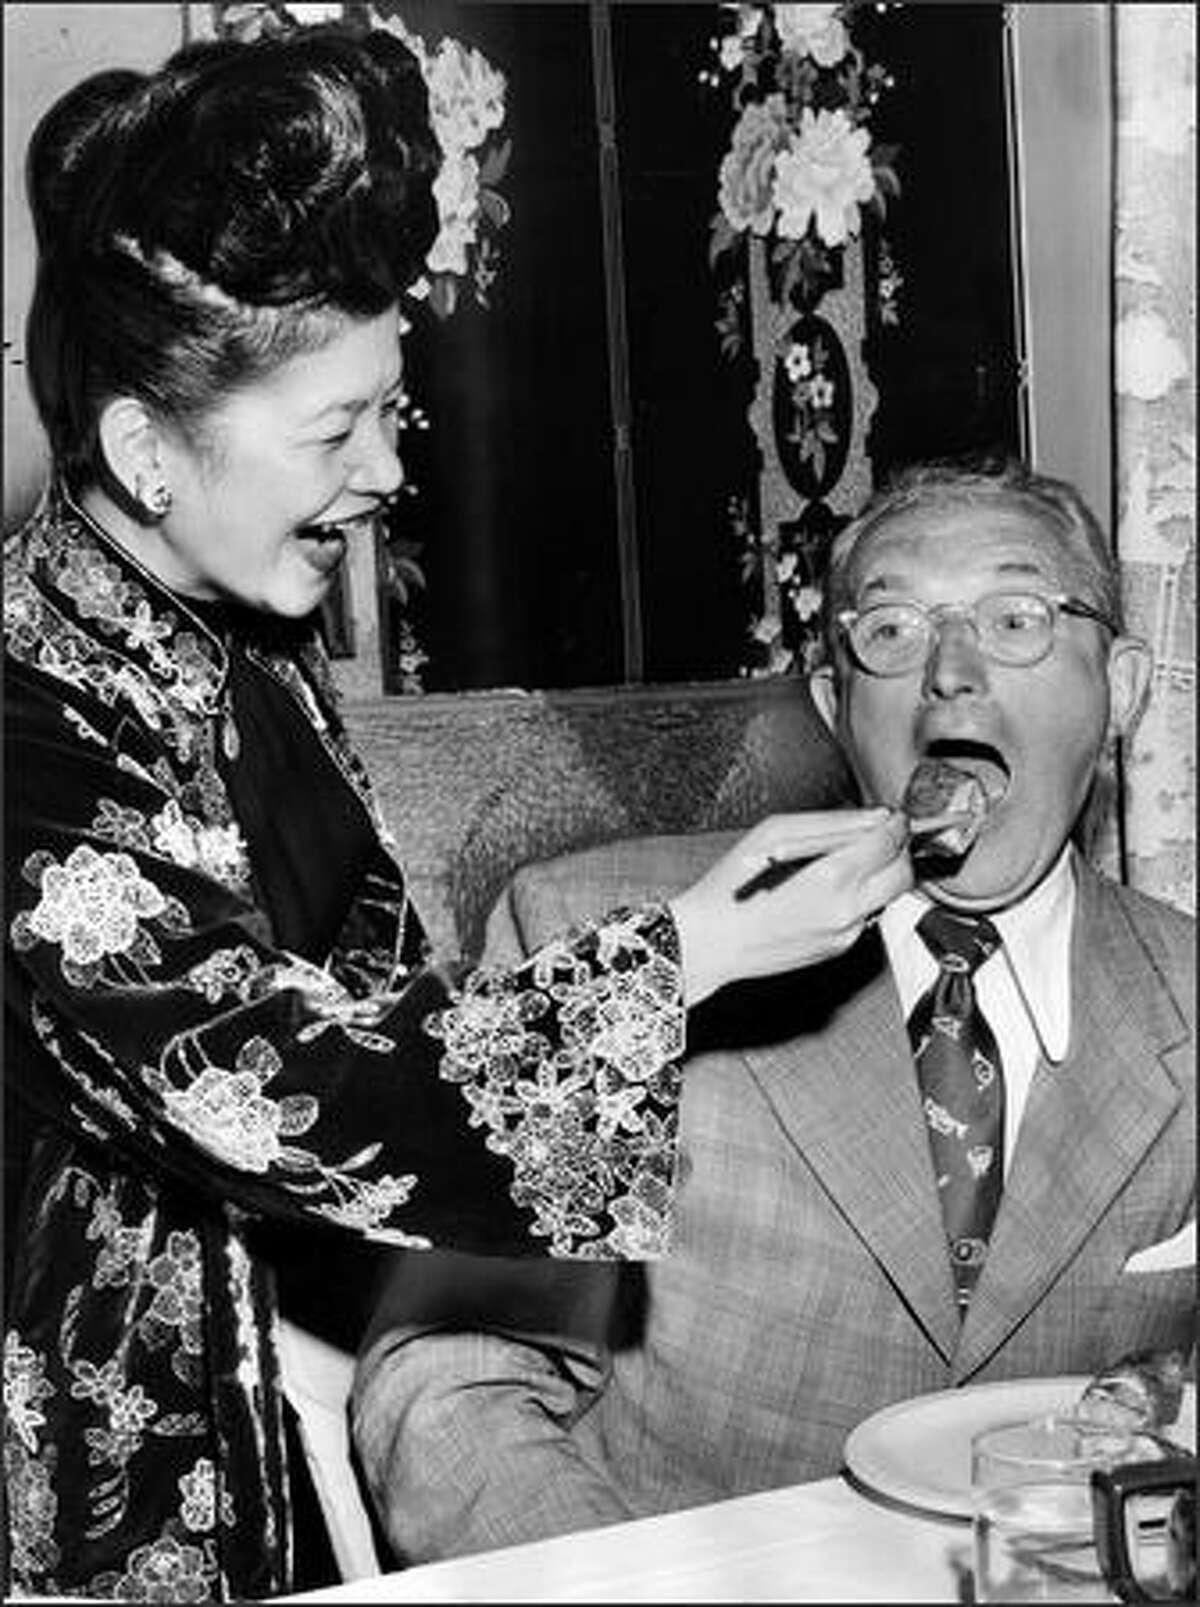 07/23/1951 - Ruby Chow feeding Tommy Dorsey egg roll via chop sticks